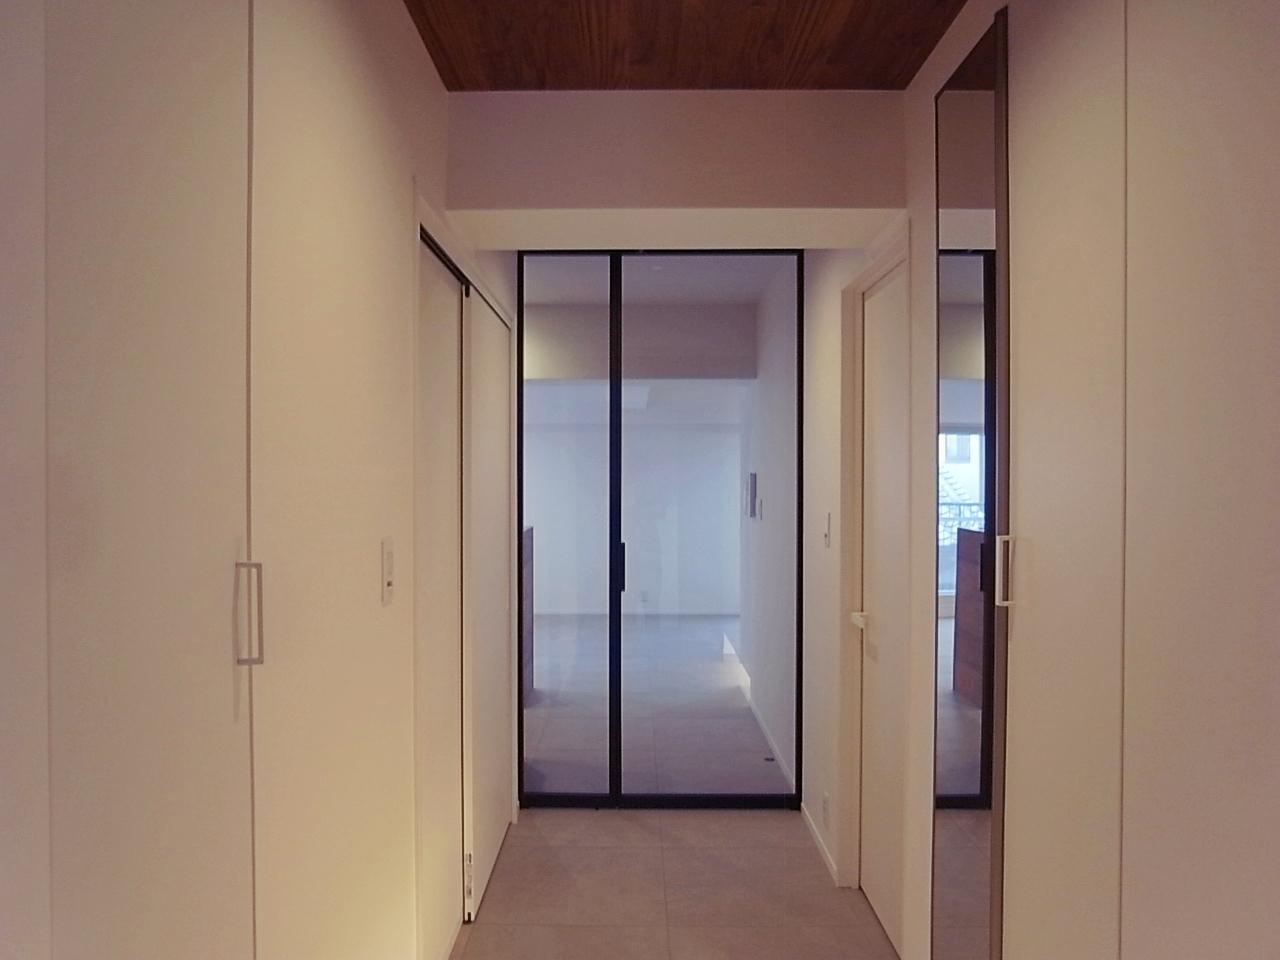 レトロマンションの玄関開けたらこれって、すごいギャプ萌え。